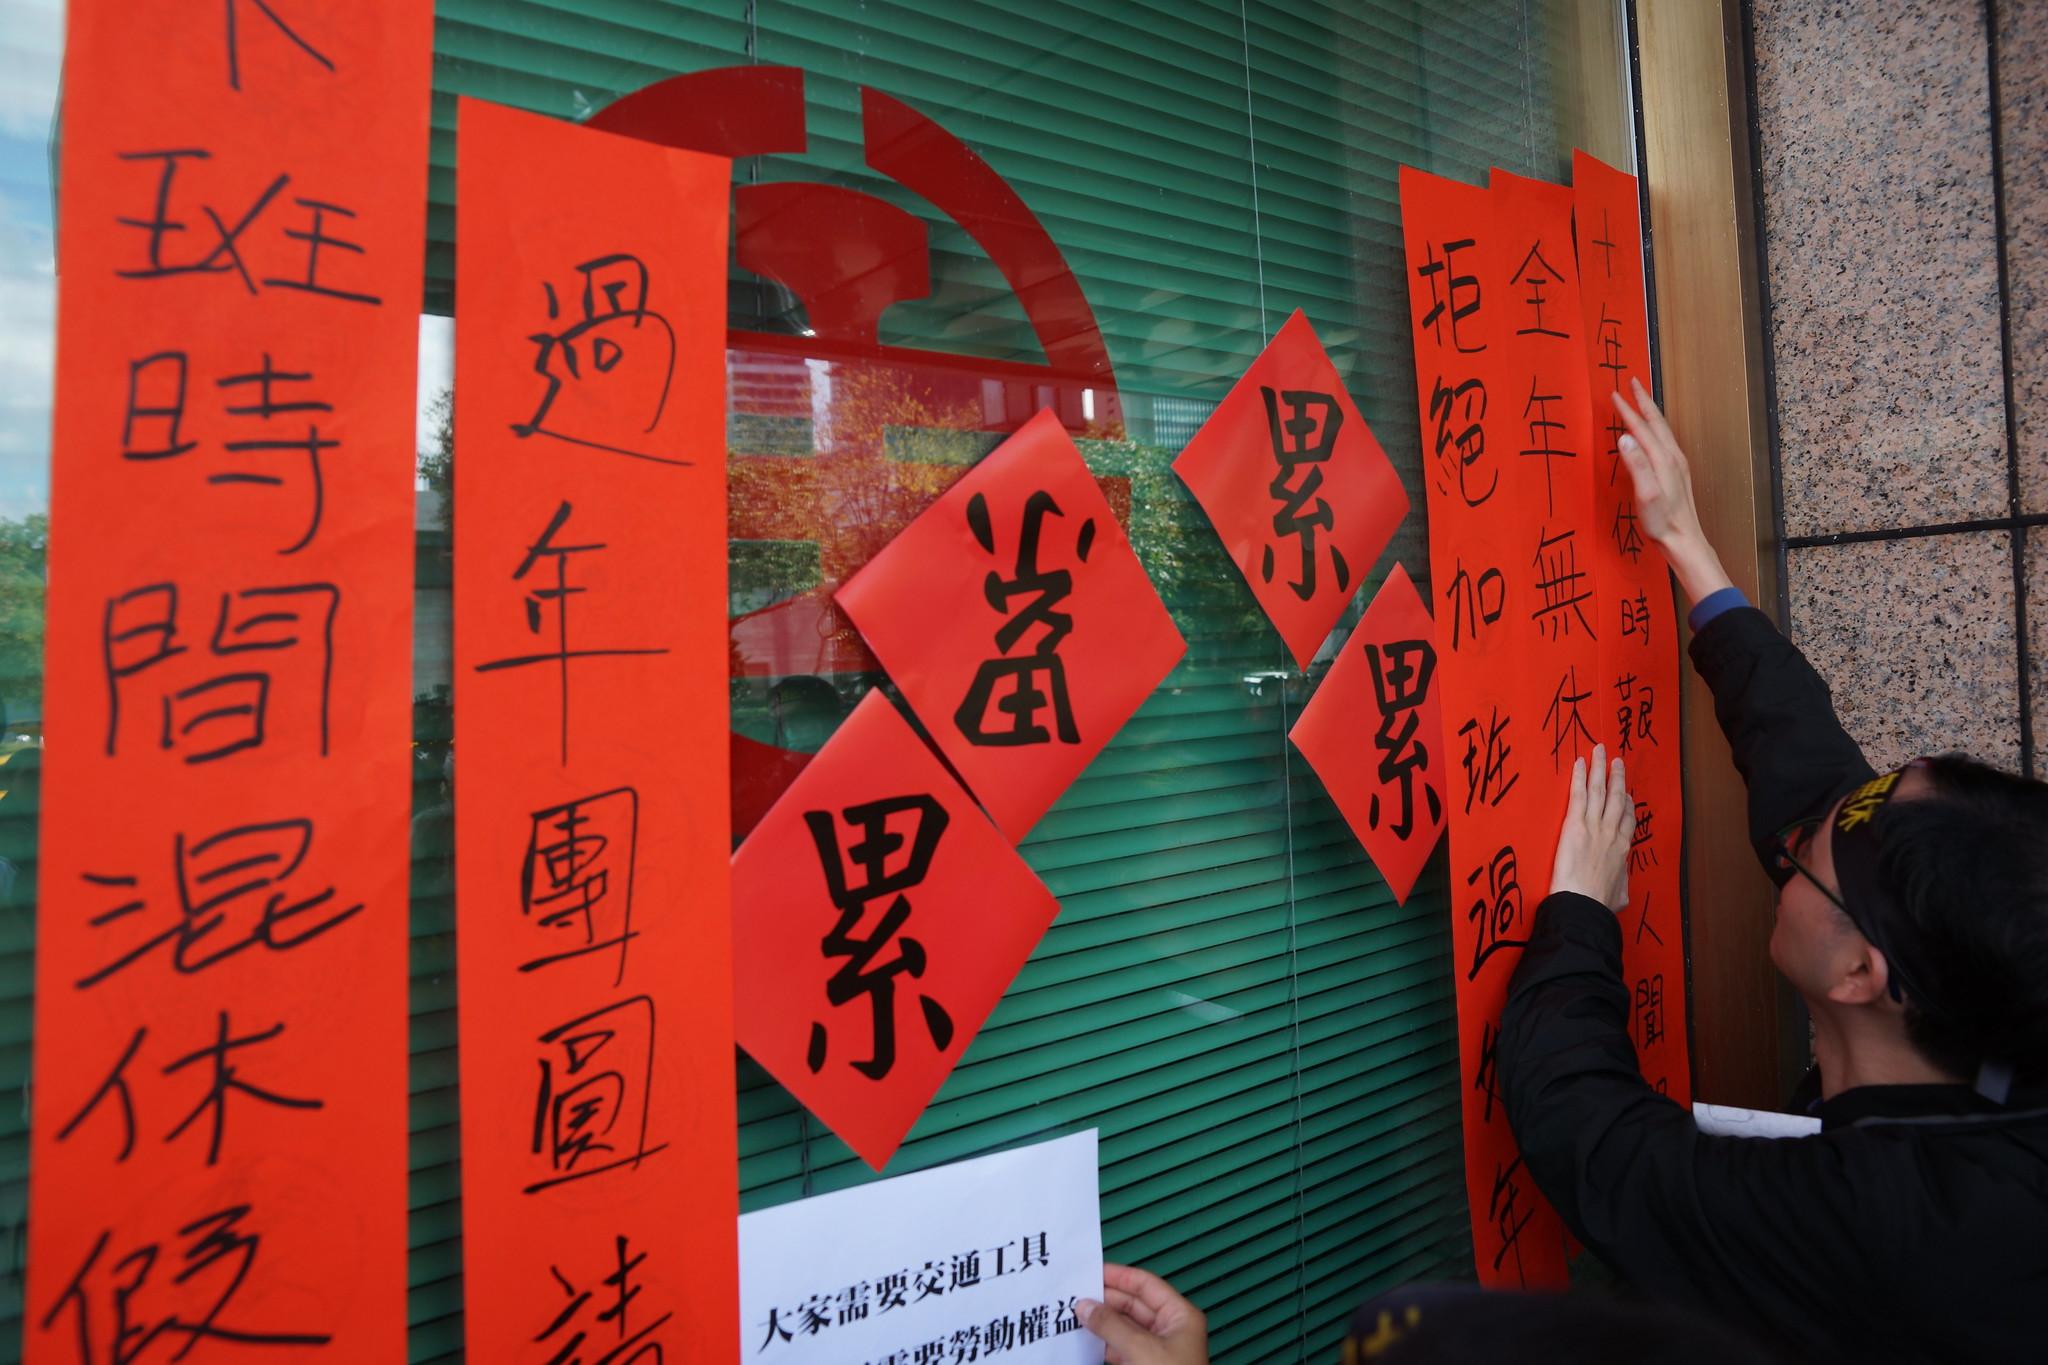 工会写有劳工处境与诉求的春联贴满铁路局门口。(摄影:王颢中)